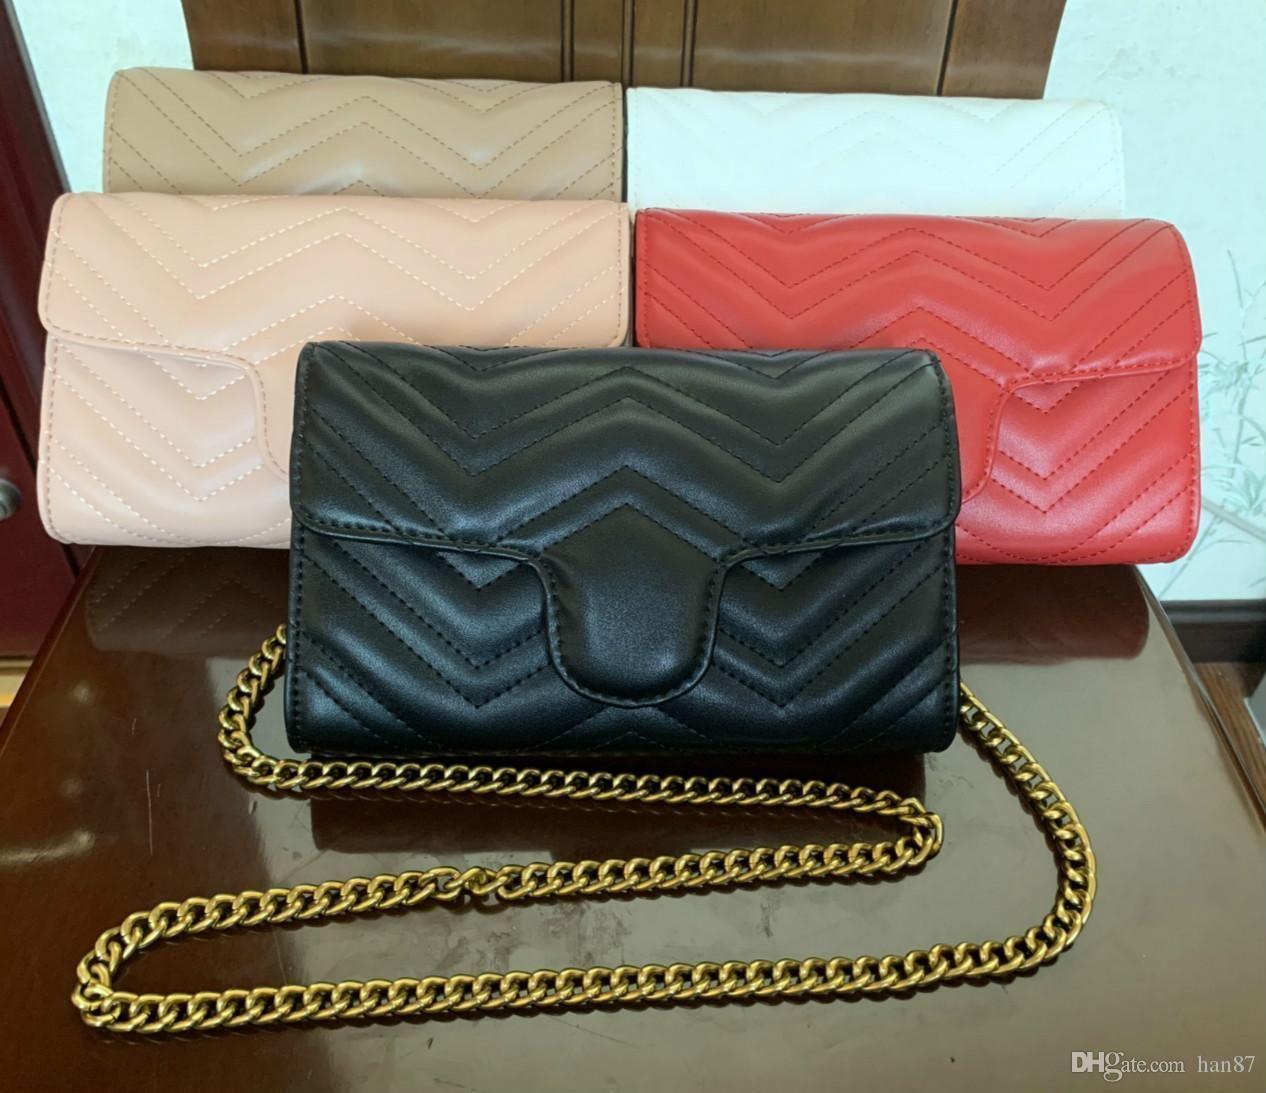 Vente chaude sacs à main mode Vintage Femmes Designer Sacs à main Portefeuilles pour femmes chaîne en cuir Sac à bandoulière et sacs à bandoulière 19cm